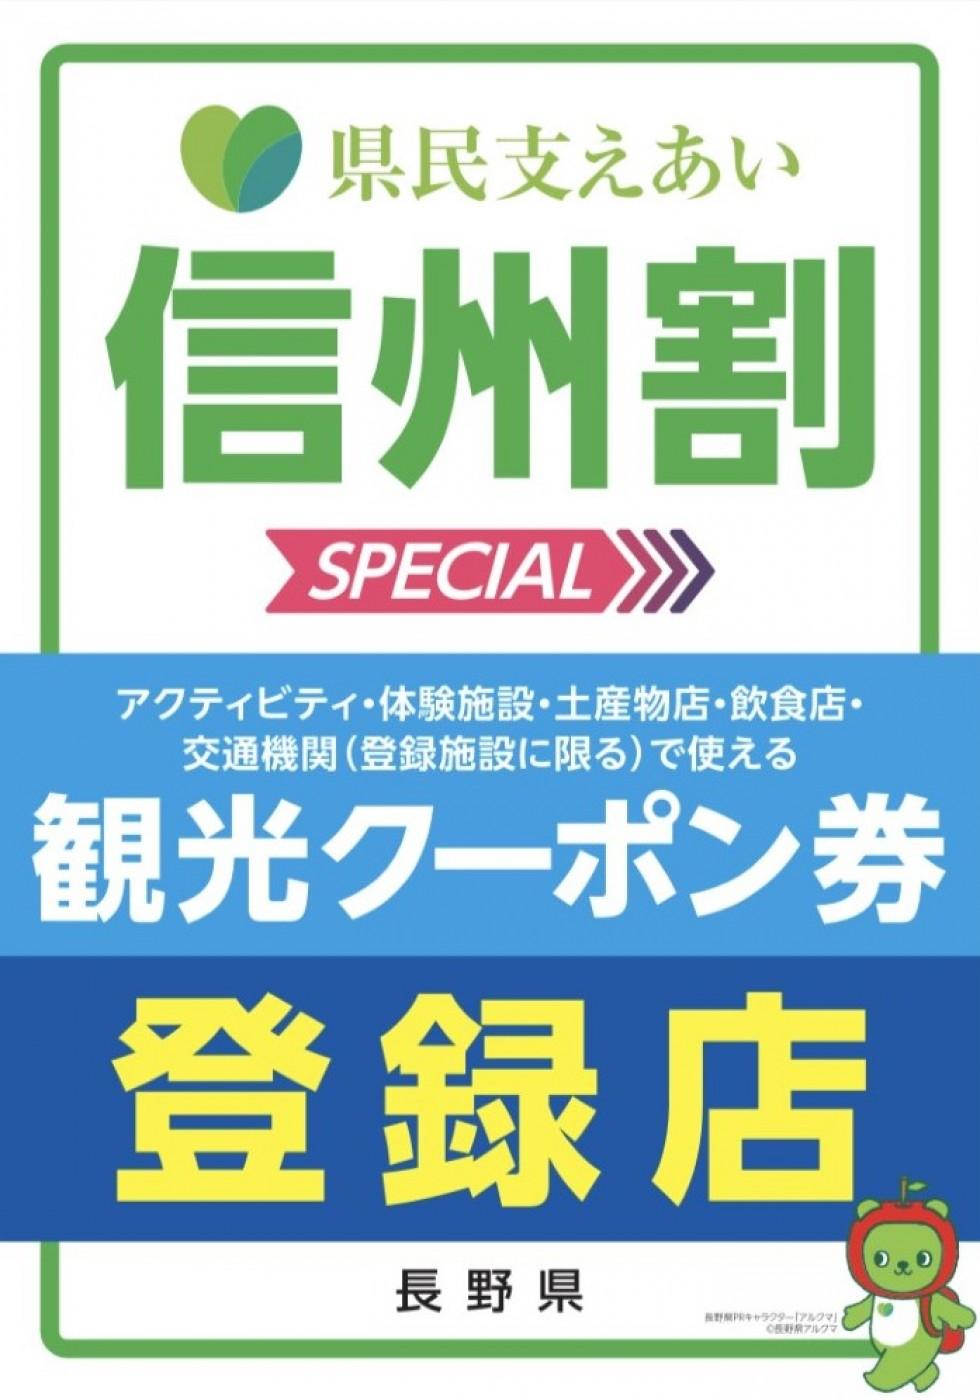 長野県「県民支えあい 信州割SPECIAL 観光クーポン券」の対象店舗について